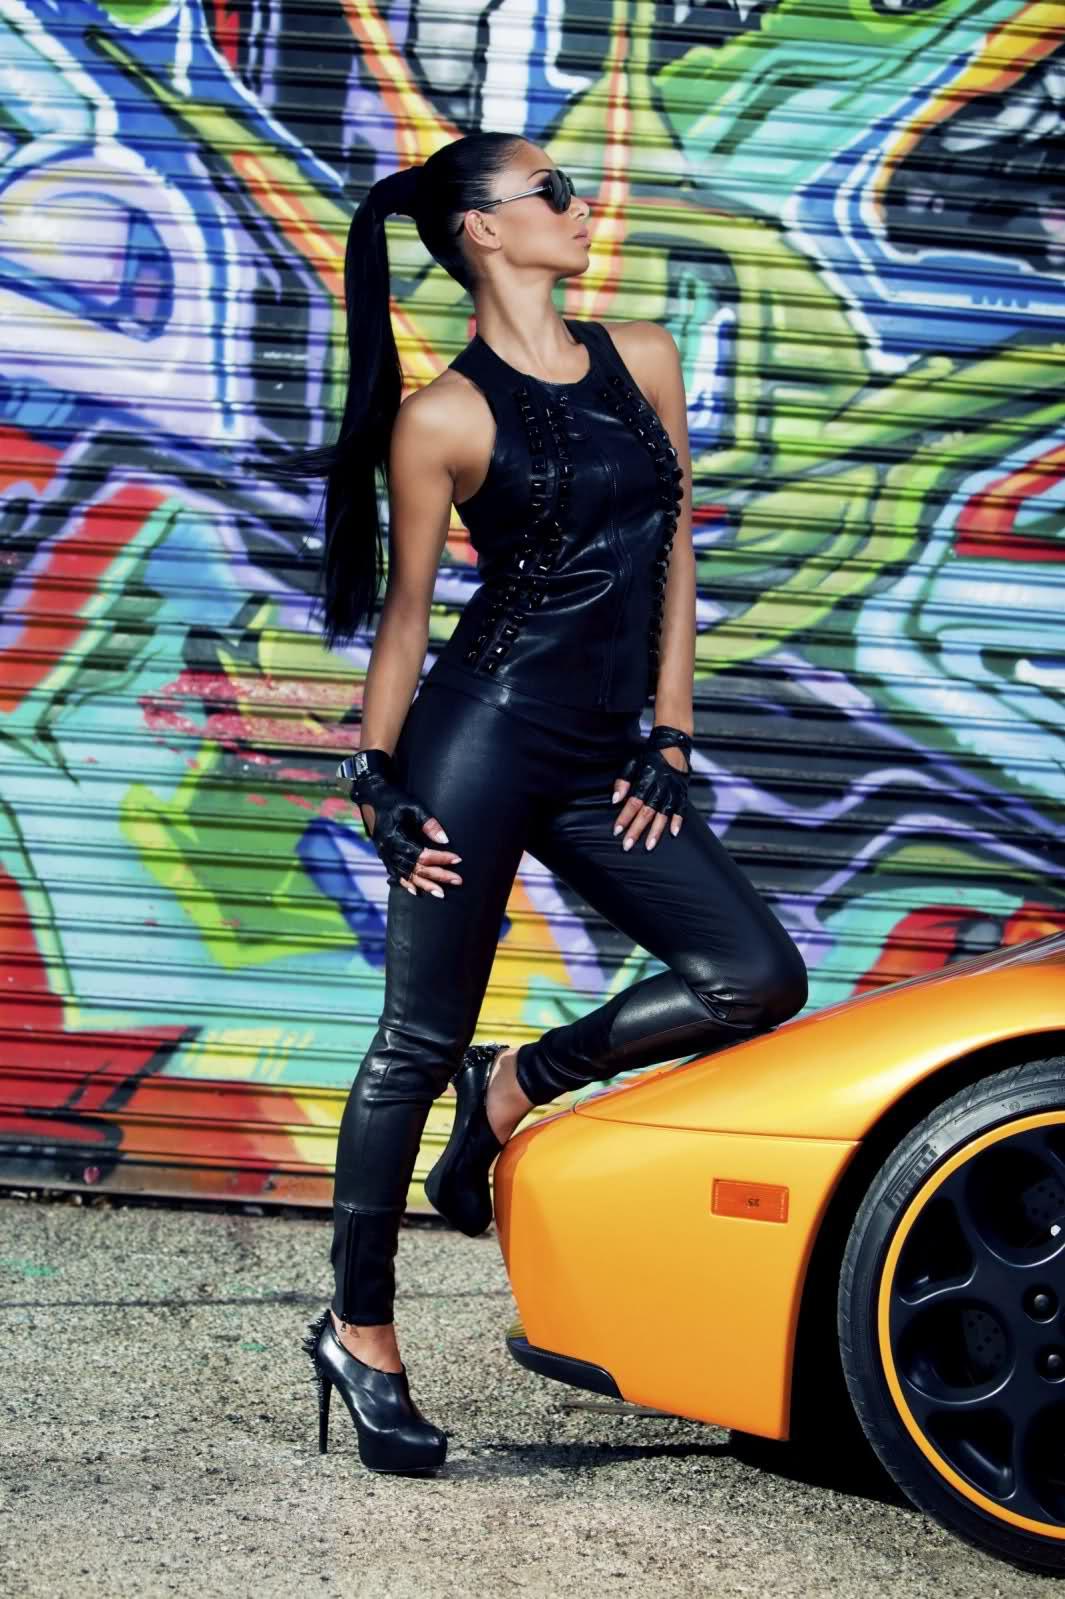 Lamborghini Diablo a Nicole Scherzinger 5